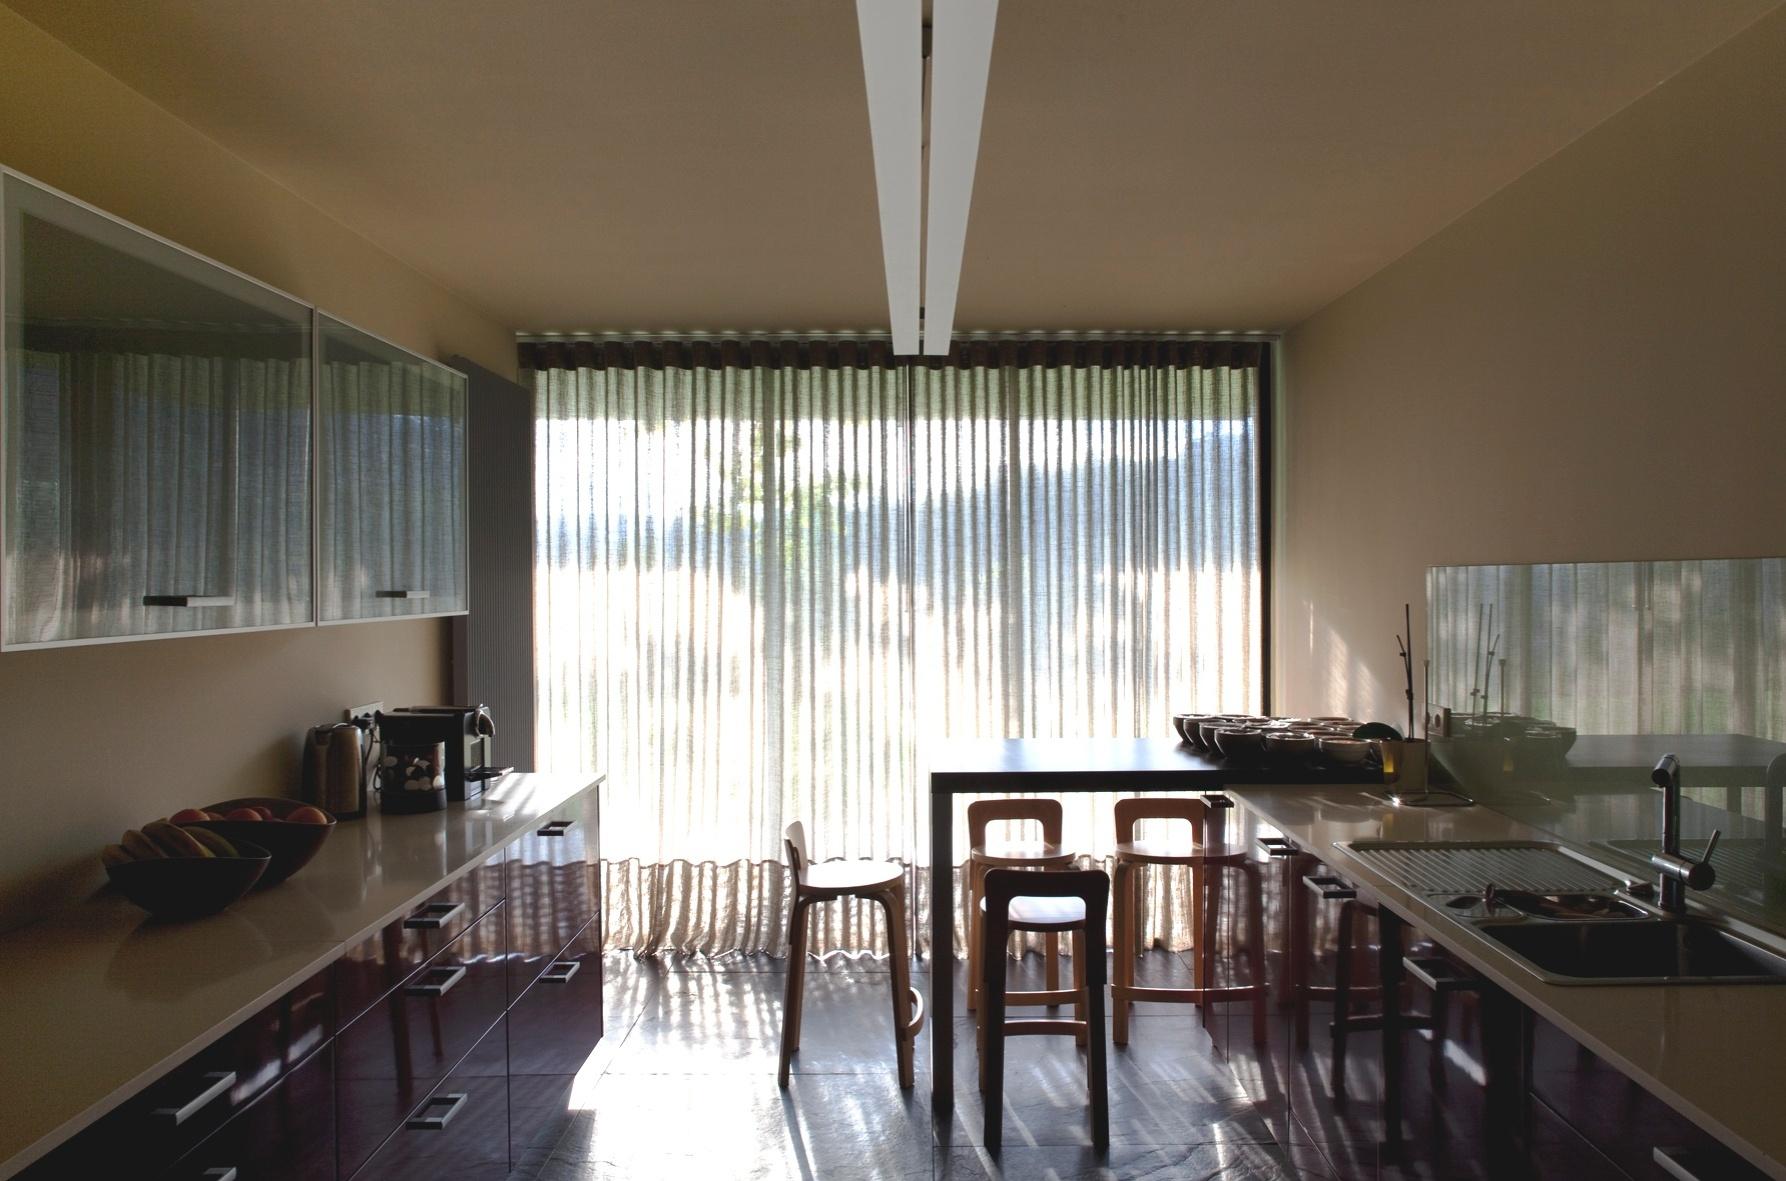 Na RF House, a cozinha, assim como outros cômodos, recebeu piso de ardósia em grandes placas. O revestimento, além de coerente com a linguagem adotada pelo arquiteto Nuno Graça Moura, ajuda a refletir a luz